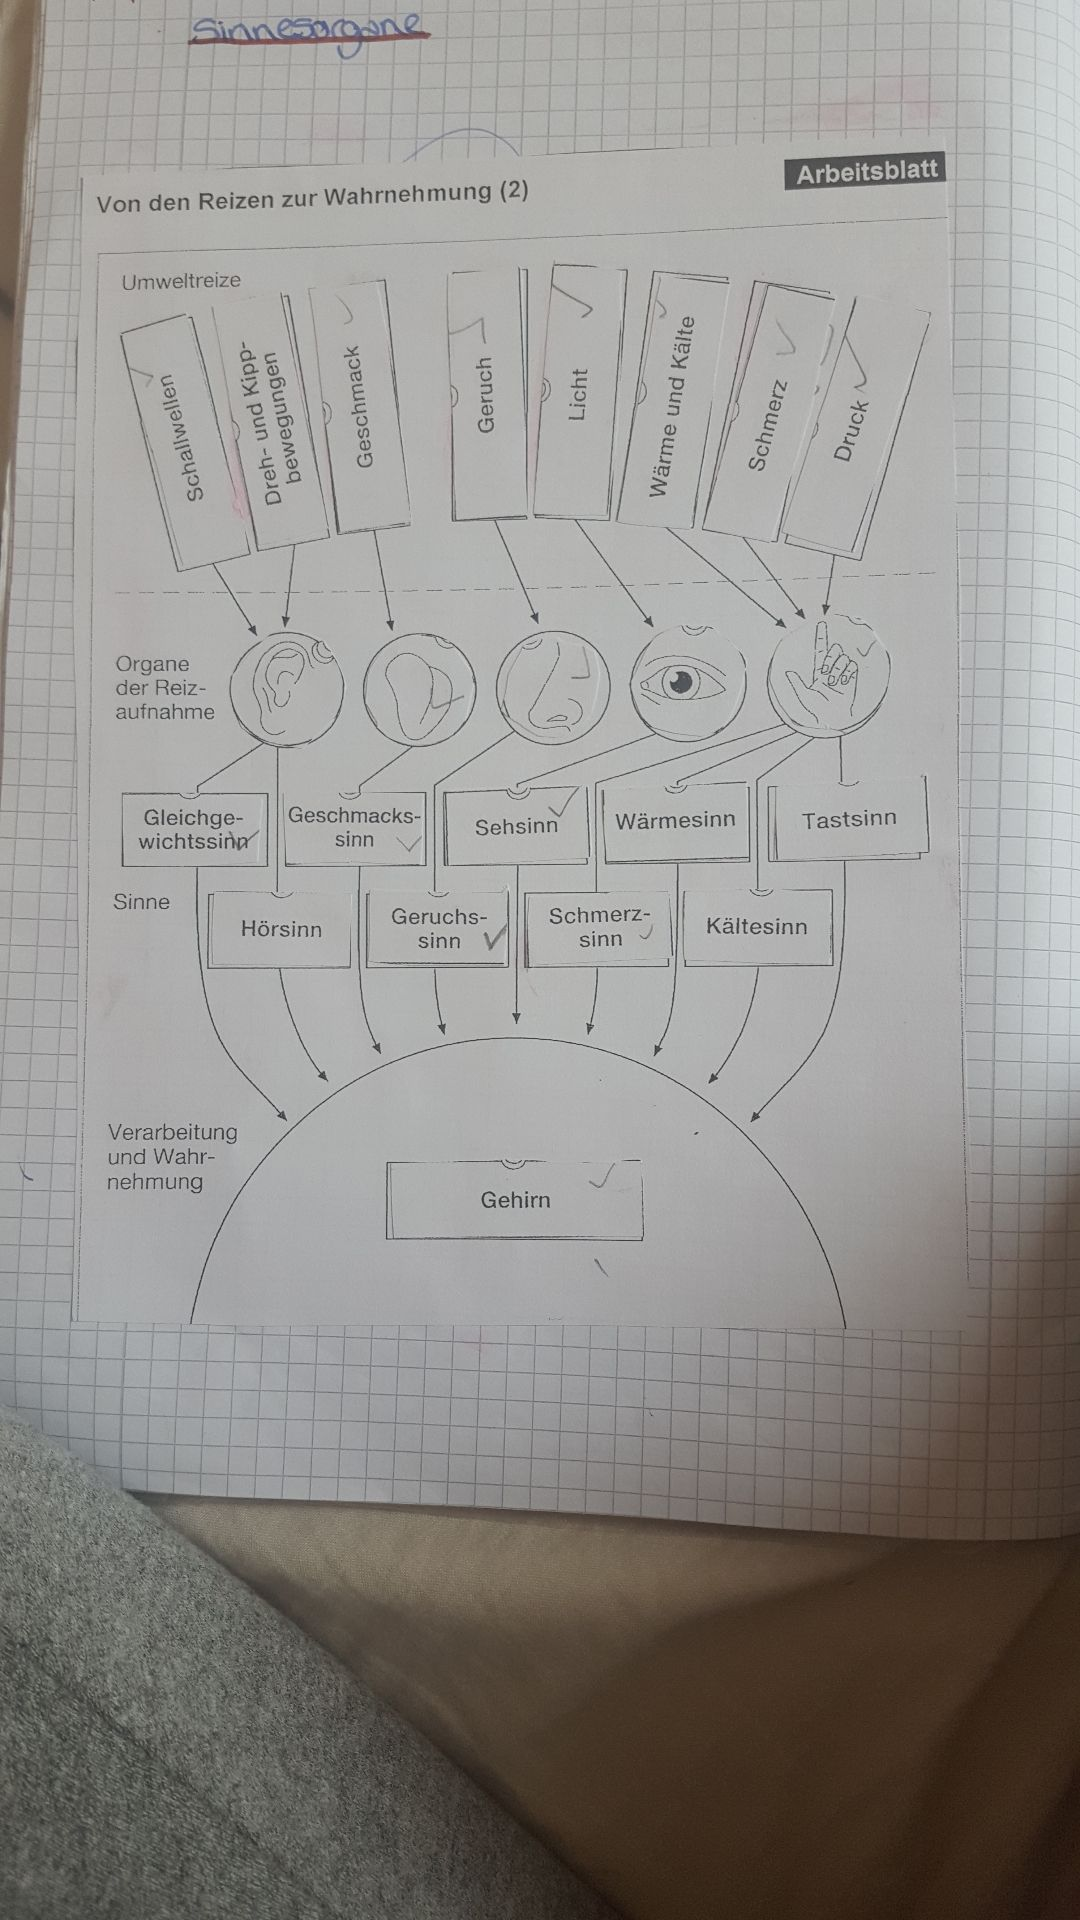 biologie nervensystem | GoStudent